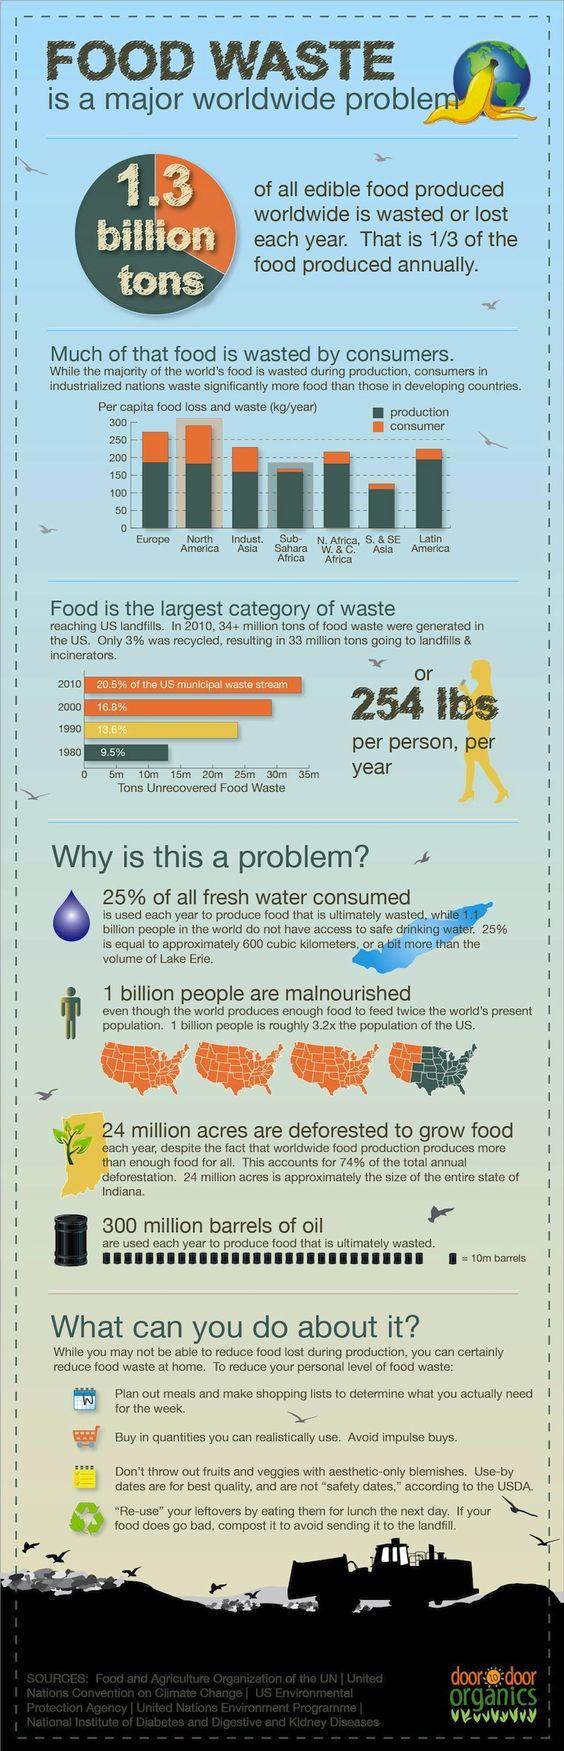 Avoid Food Wastage - Use a Food Vacuum Sealer